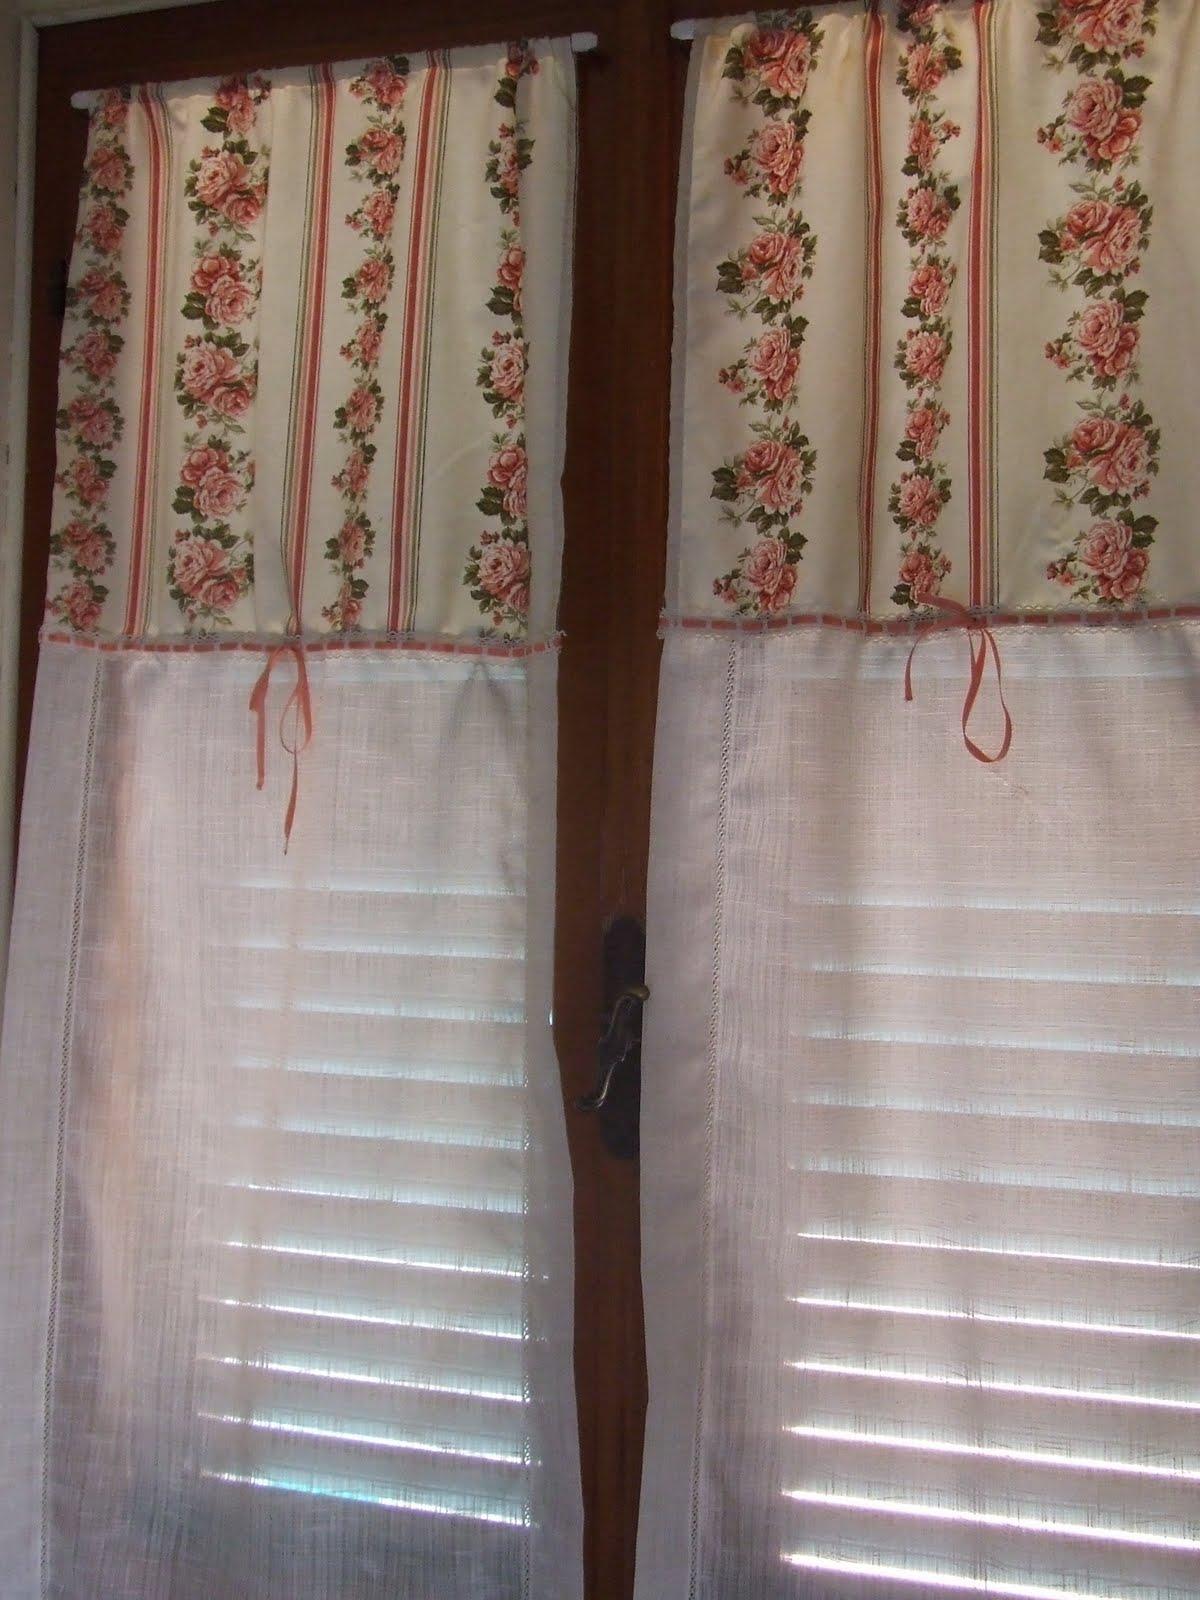 Il negozio alla francese tende toile de jouy con tessuti for Tessuti francesi arredamento